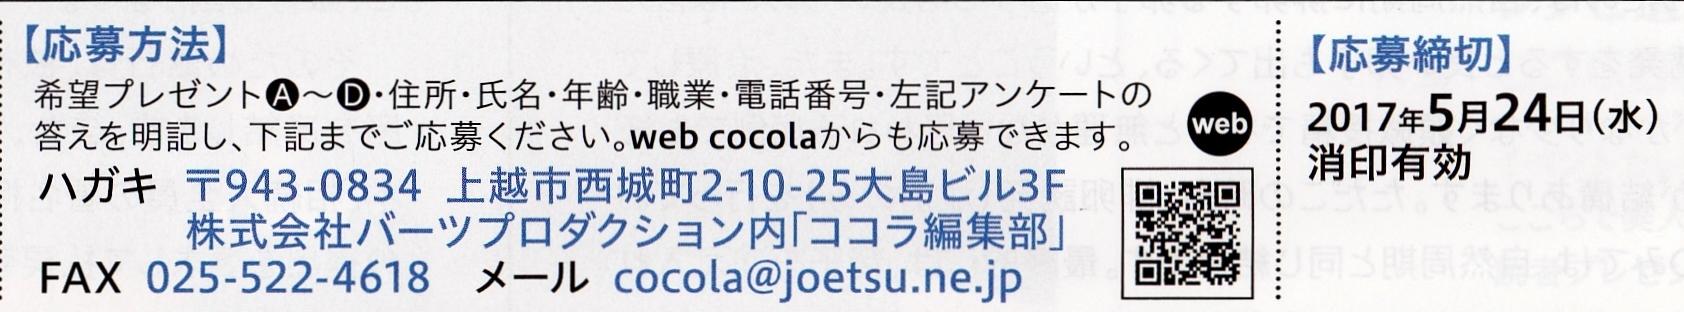 b0163804_16141288.jpg